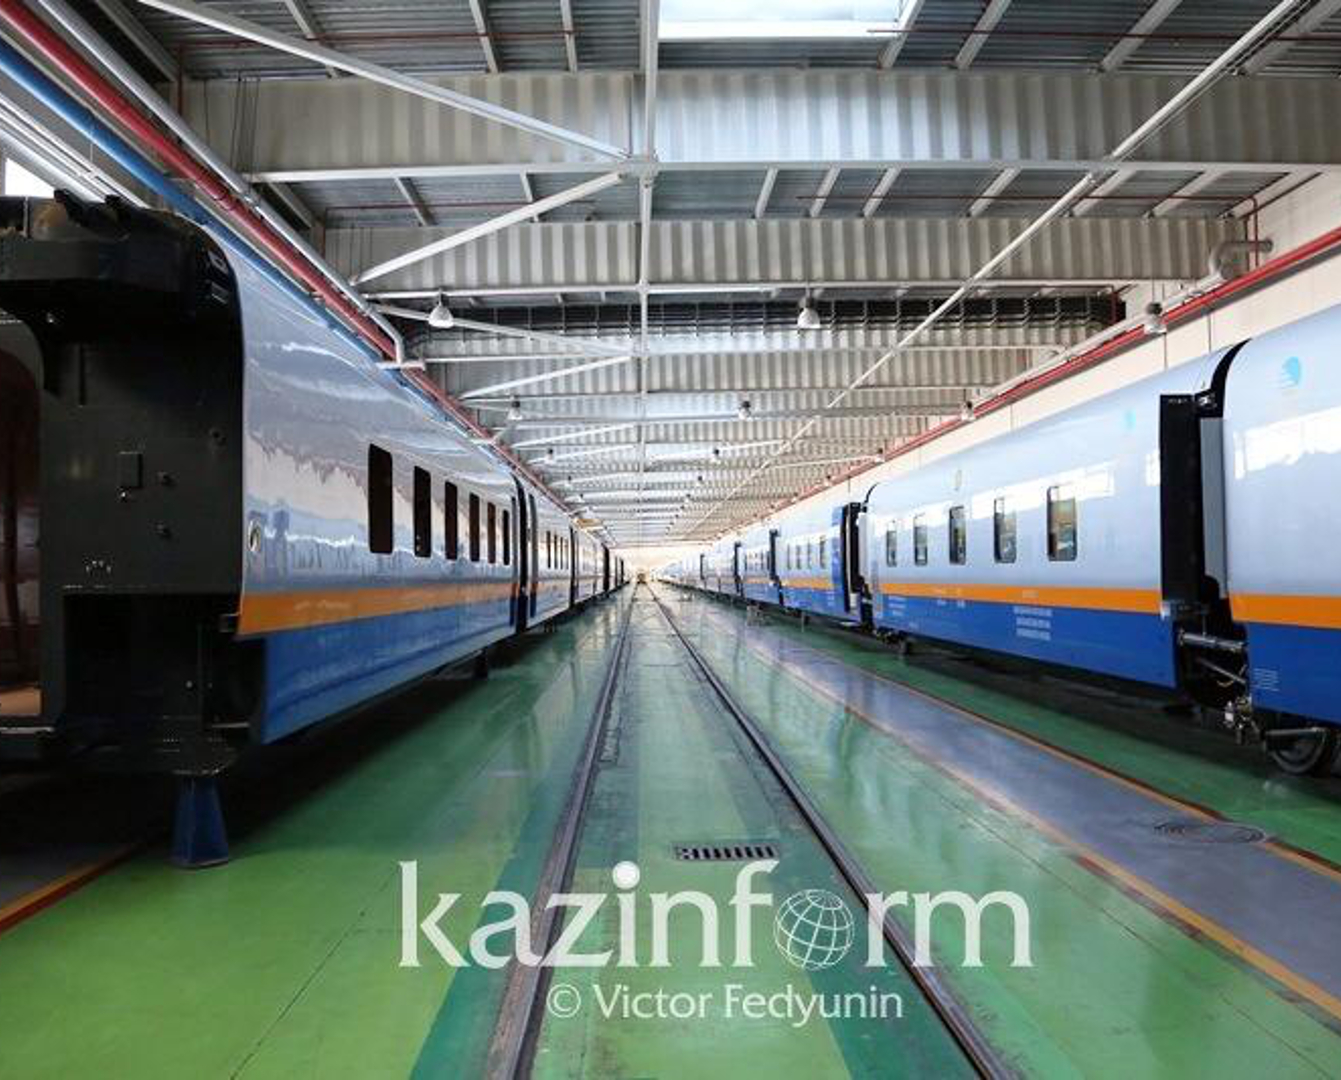 Казахстан выпустит более 600 пассажирских вагонов до 2023 года